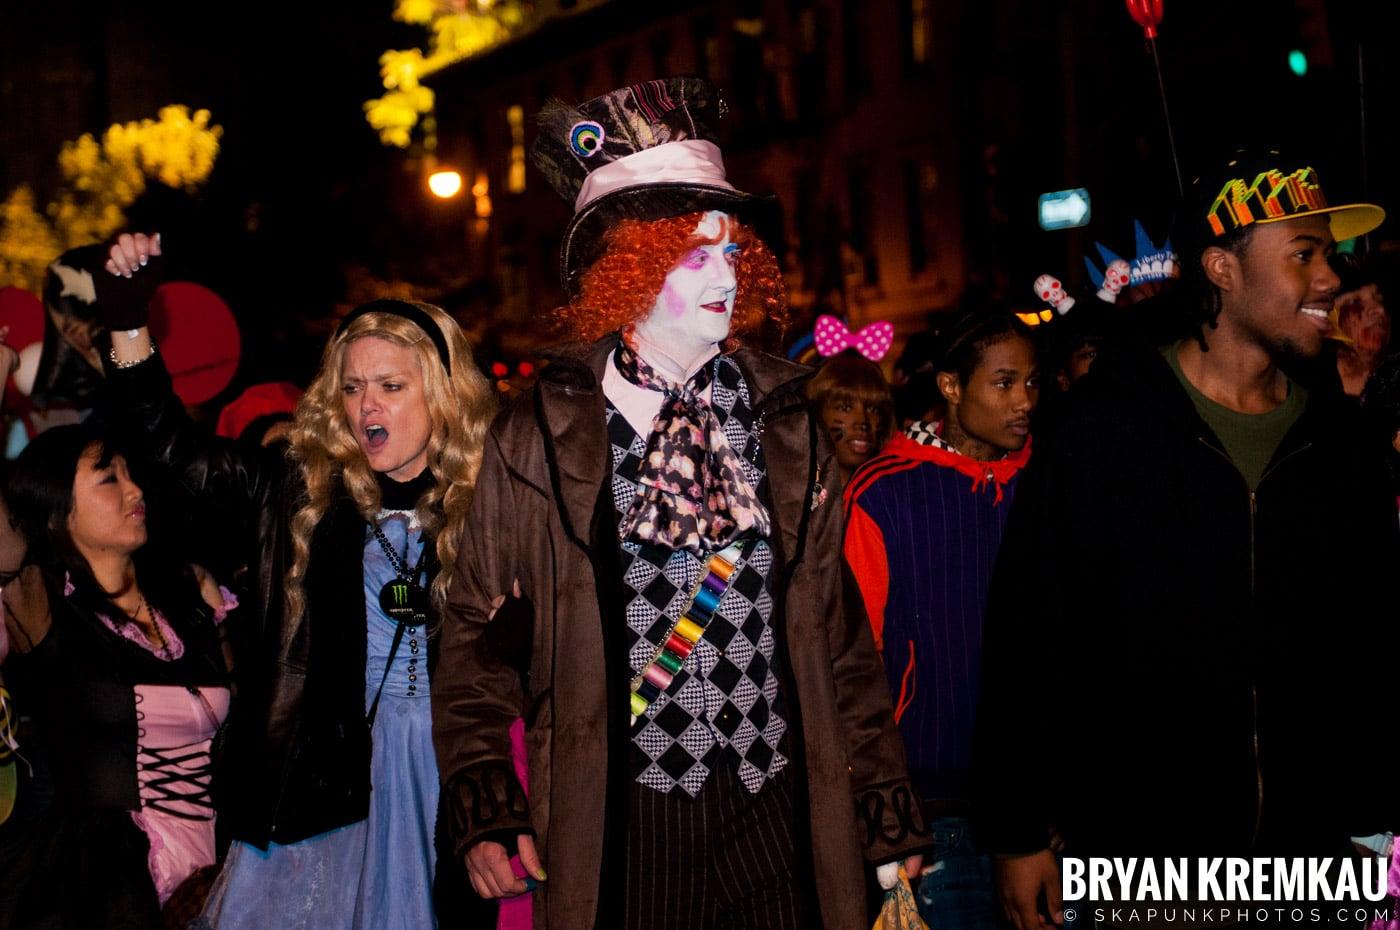 NYC Halloween Parade 2011 @ New York, NY - 10.31.11 (11)